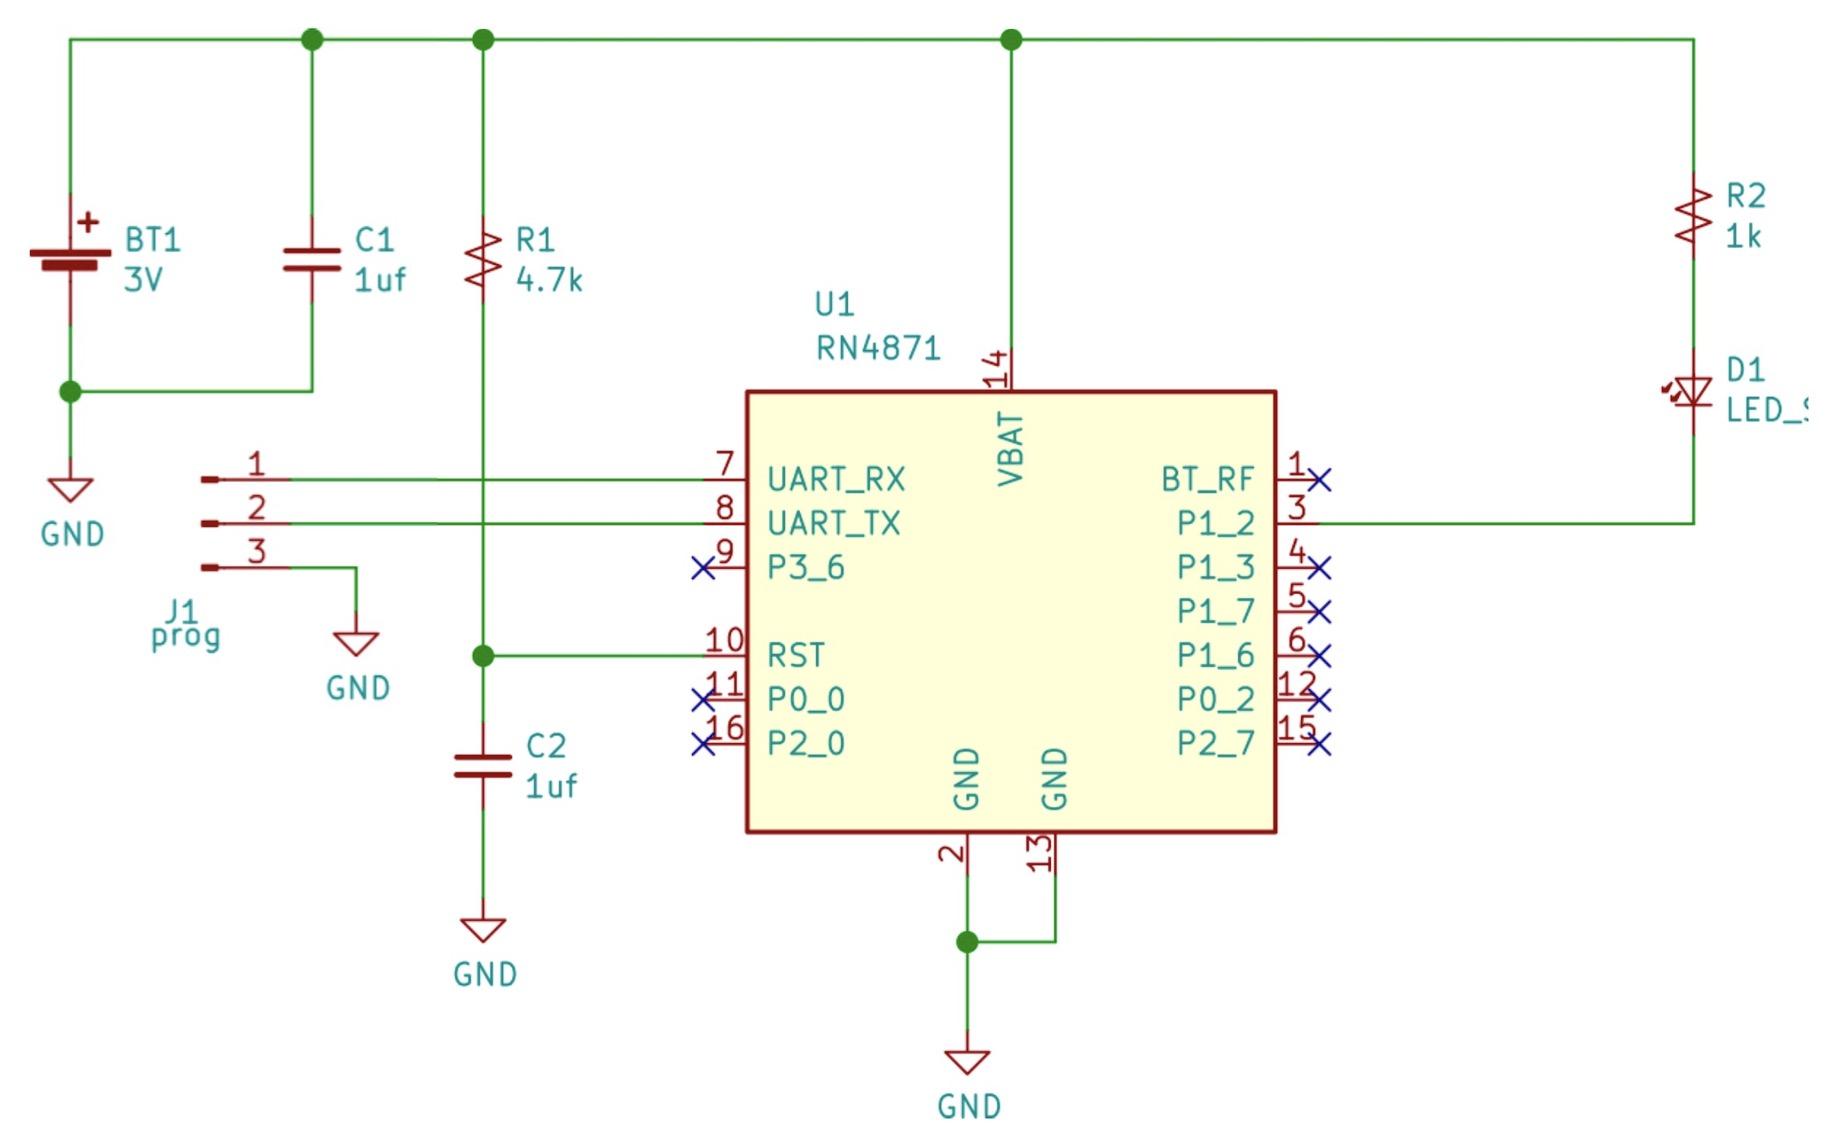 Принципиальная схема подключения светодиода к модулю RN487x.